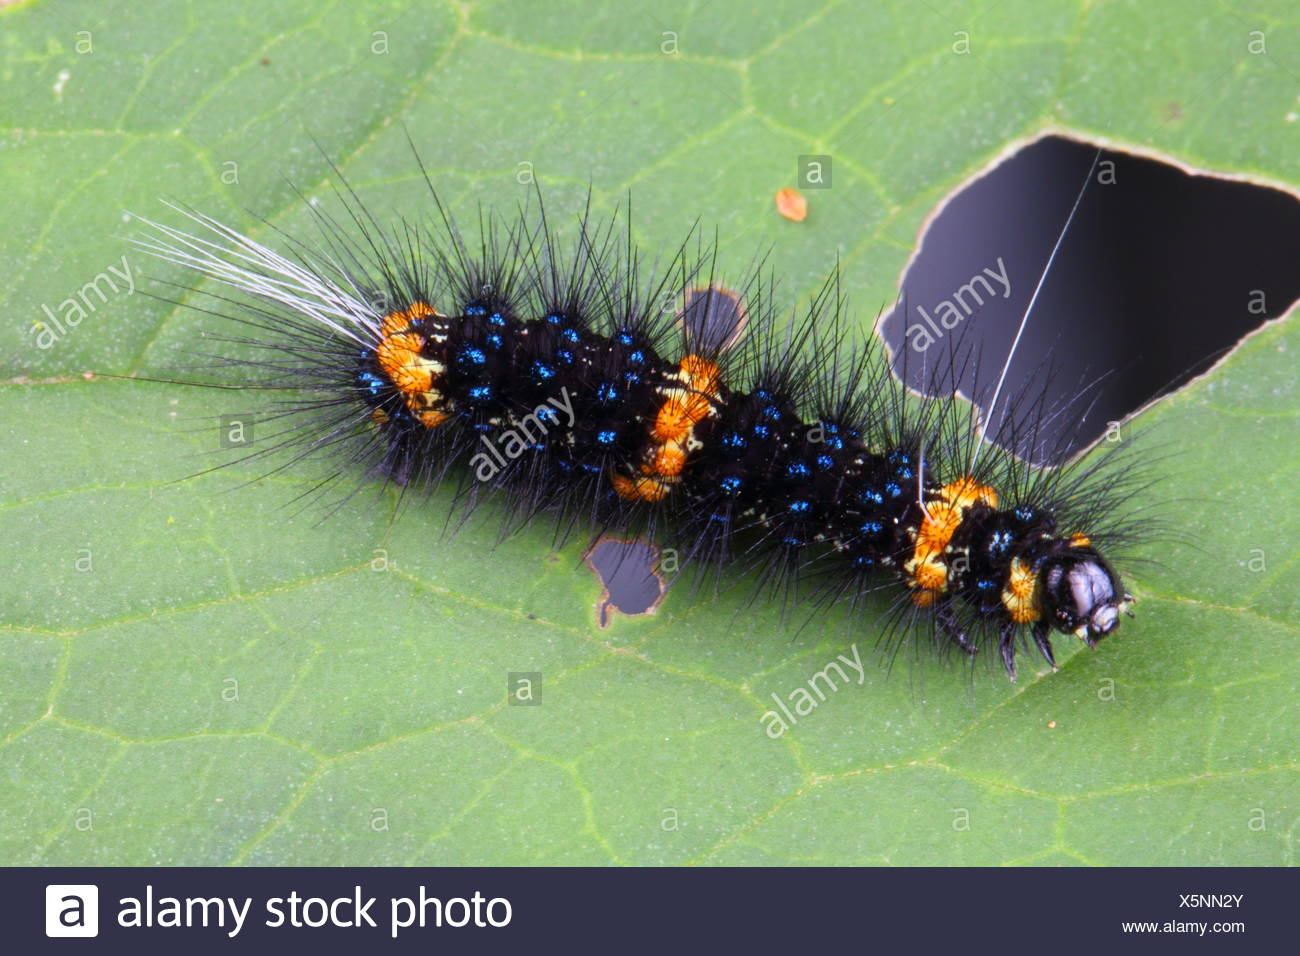 Un fuzzy gold y blue-banded caterpillar arrastrándose sobre una hoja. Imagen De Stock